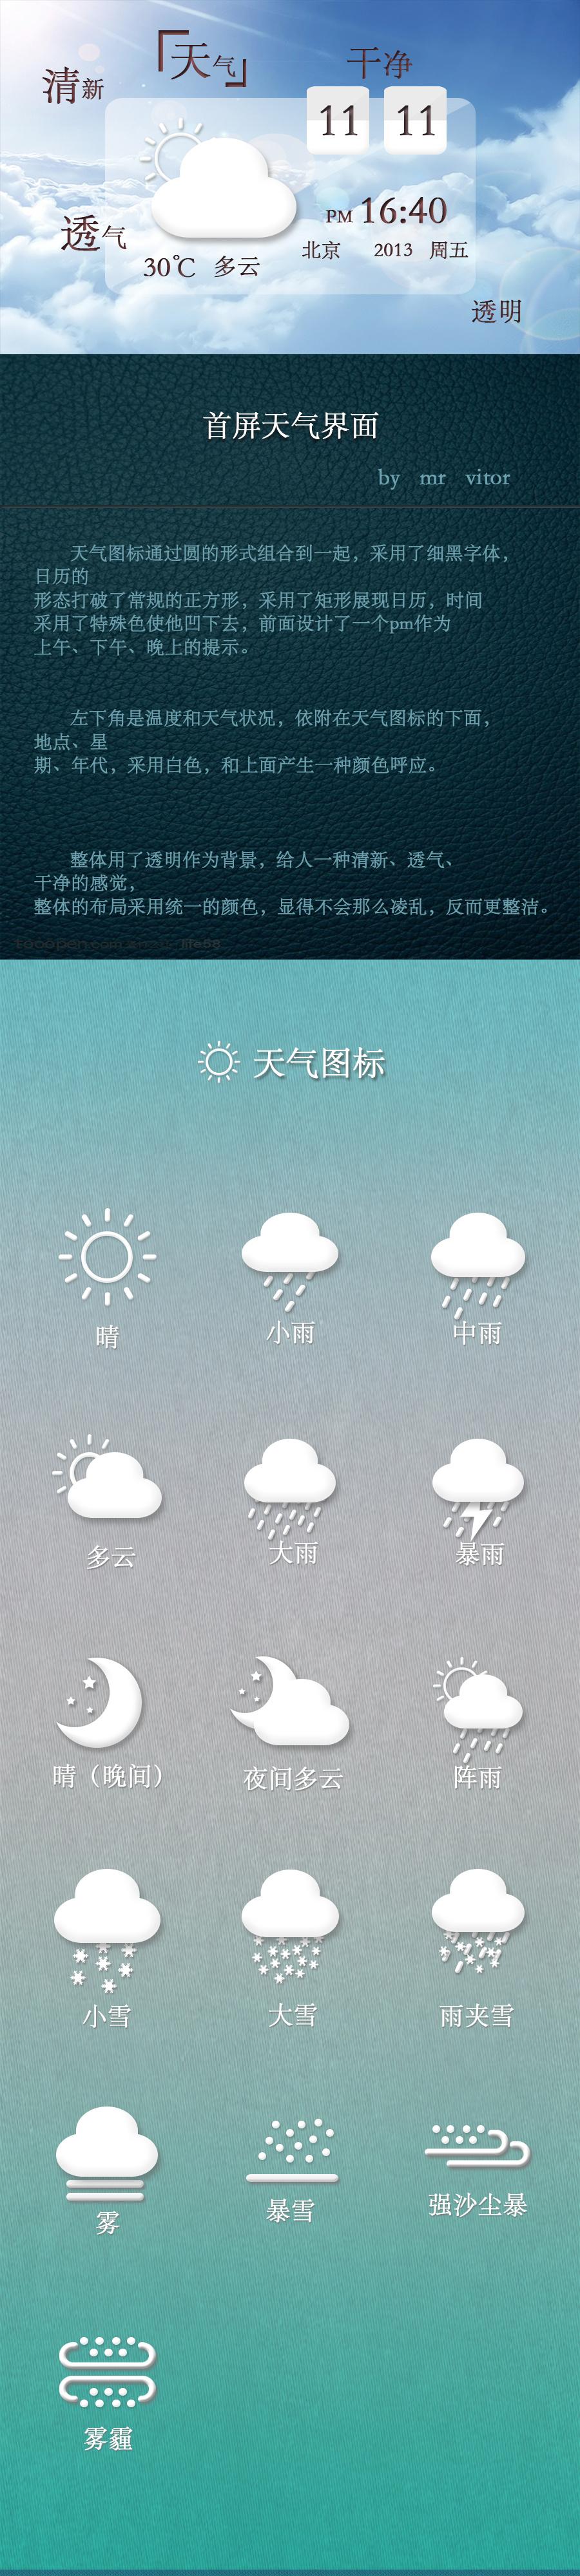 天气预报界面练习图片